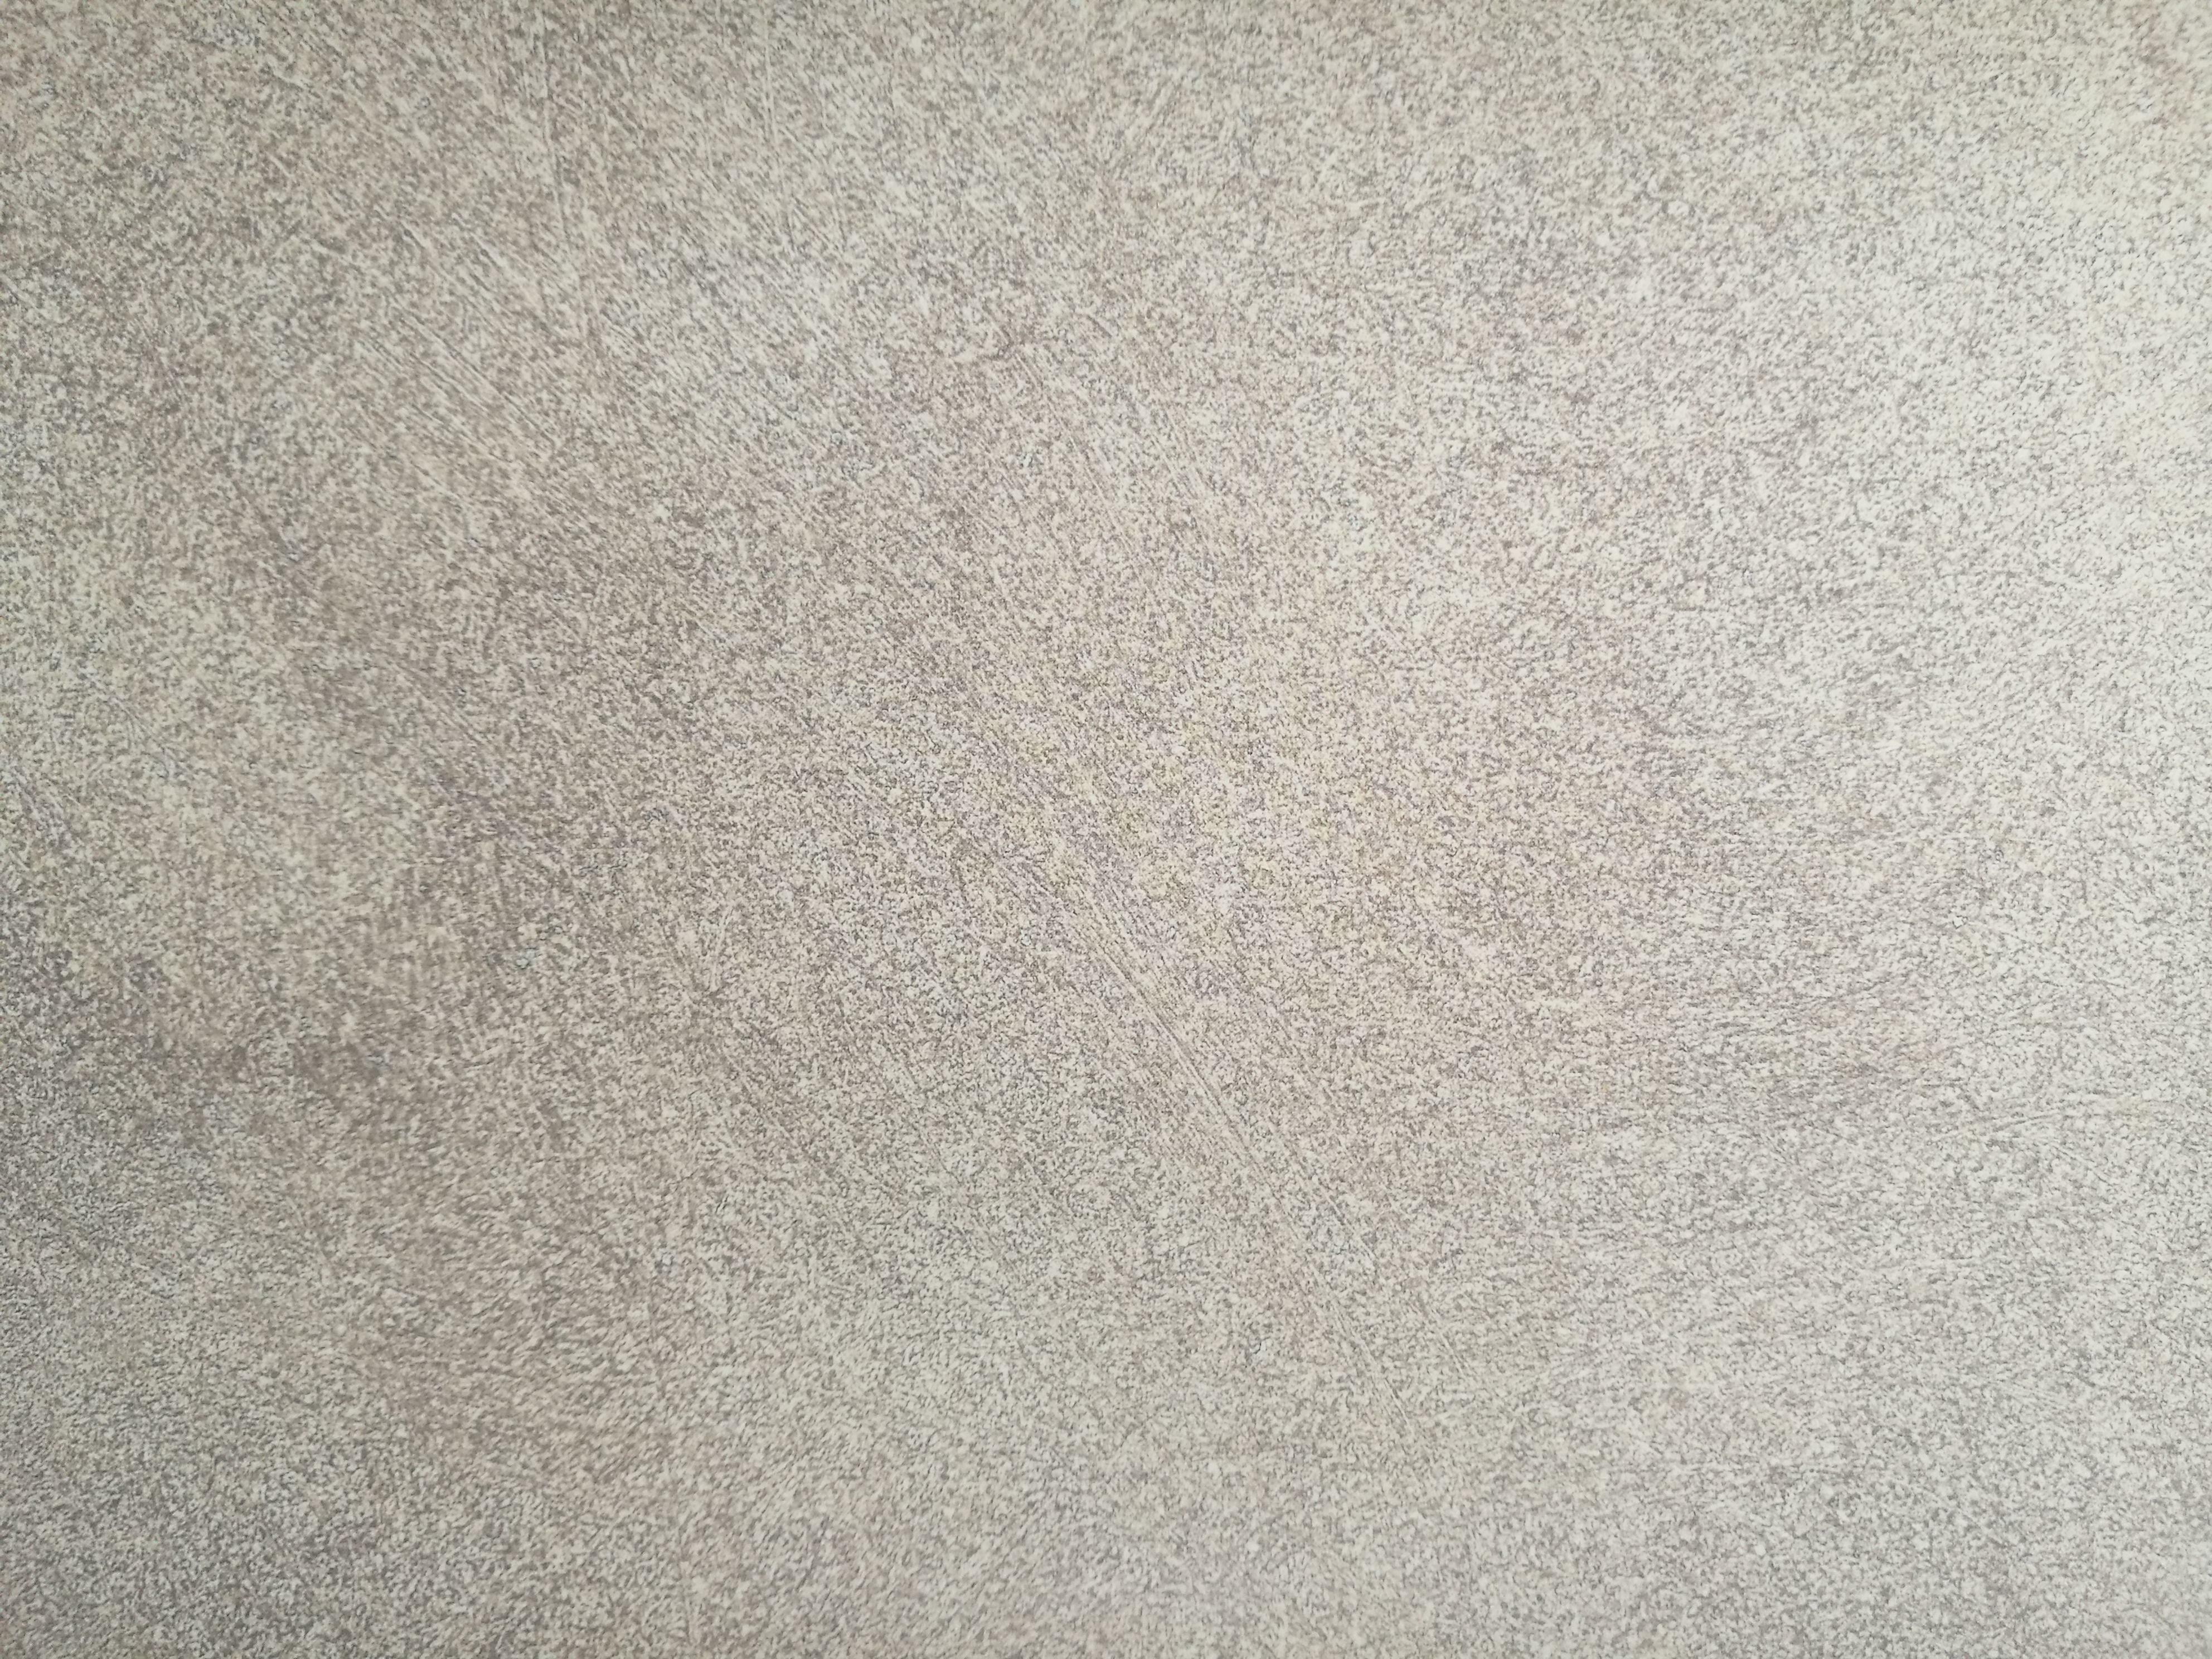 graesan graesan la casa dei sogni 1 lt pittura murale decorativa bianca effetto vecchio muro consumato